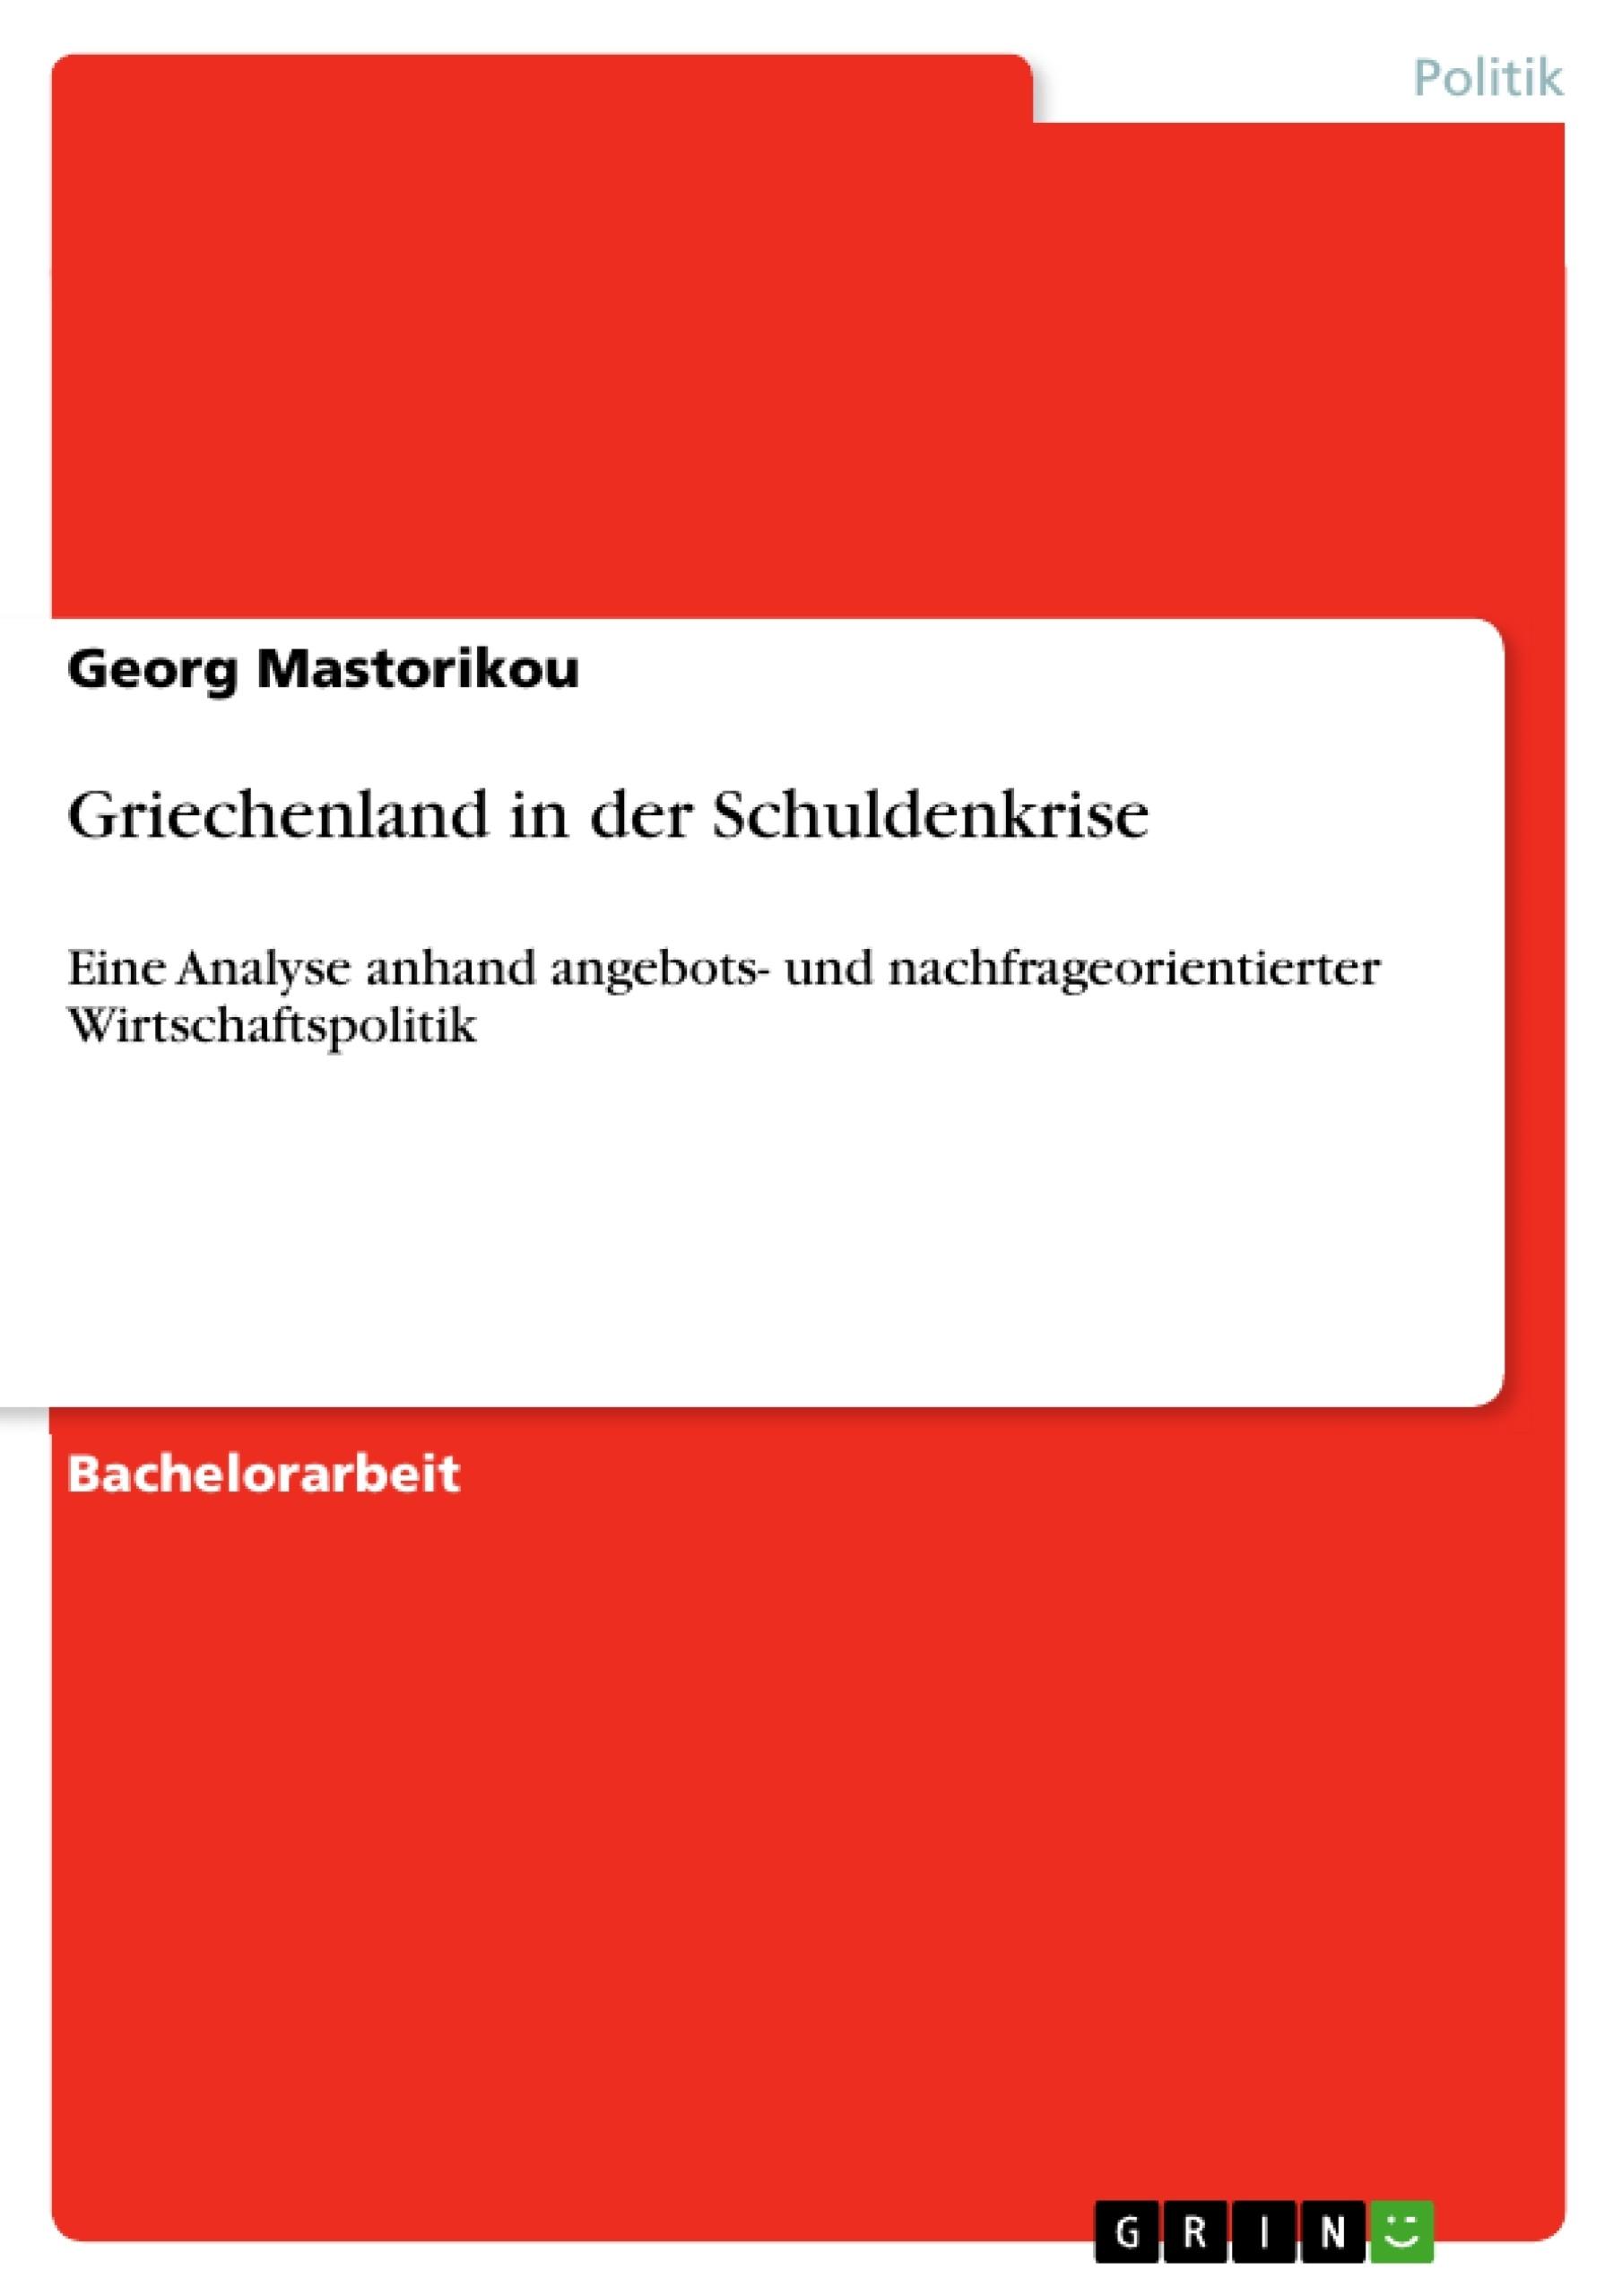 Titel: Griechenland in der Schuldenkrise